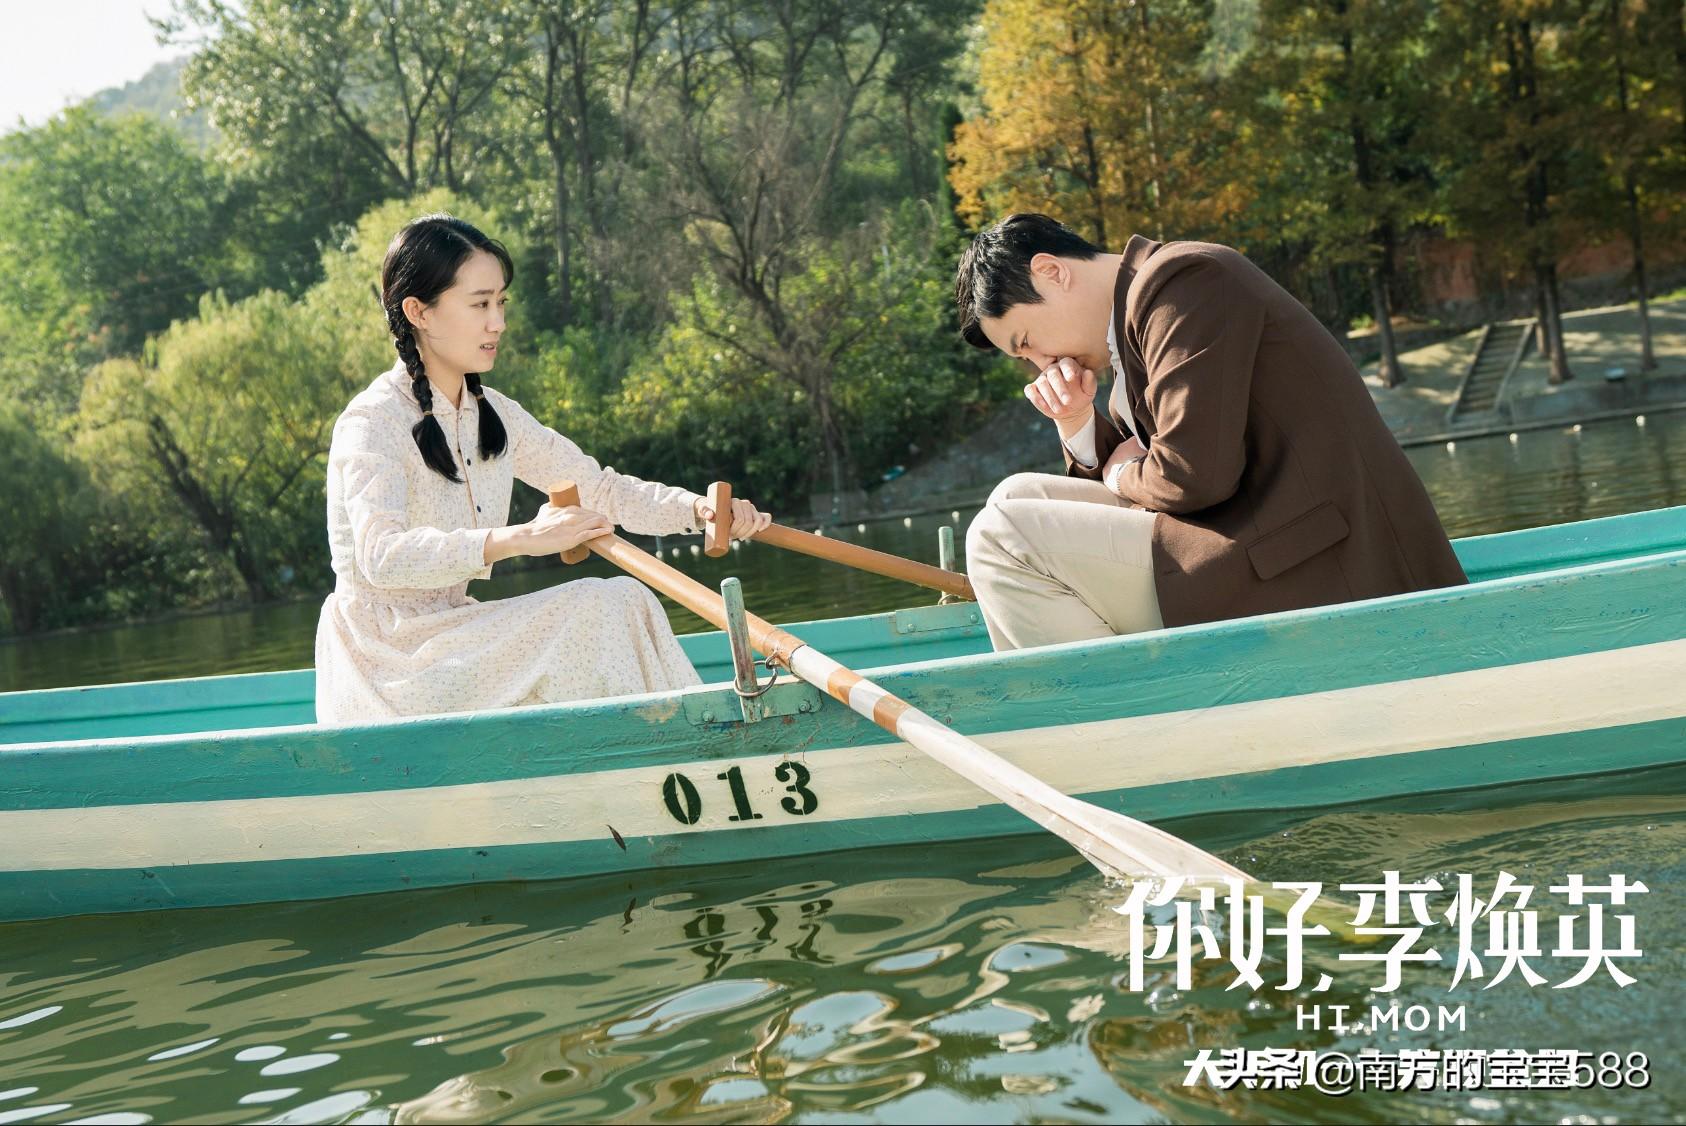 《你好,李焕英》:电影里贾晓玲干的事,我要是做了,只会死